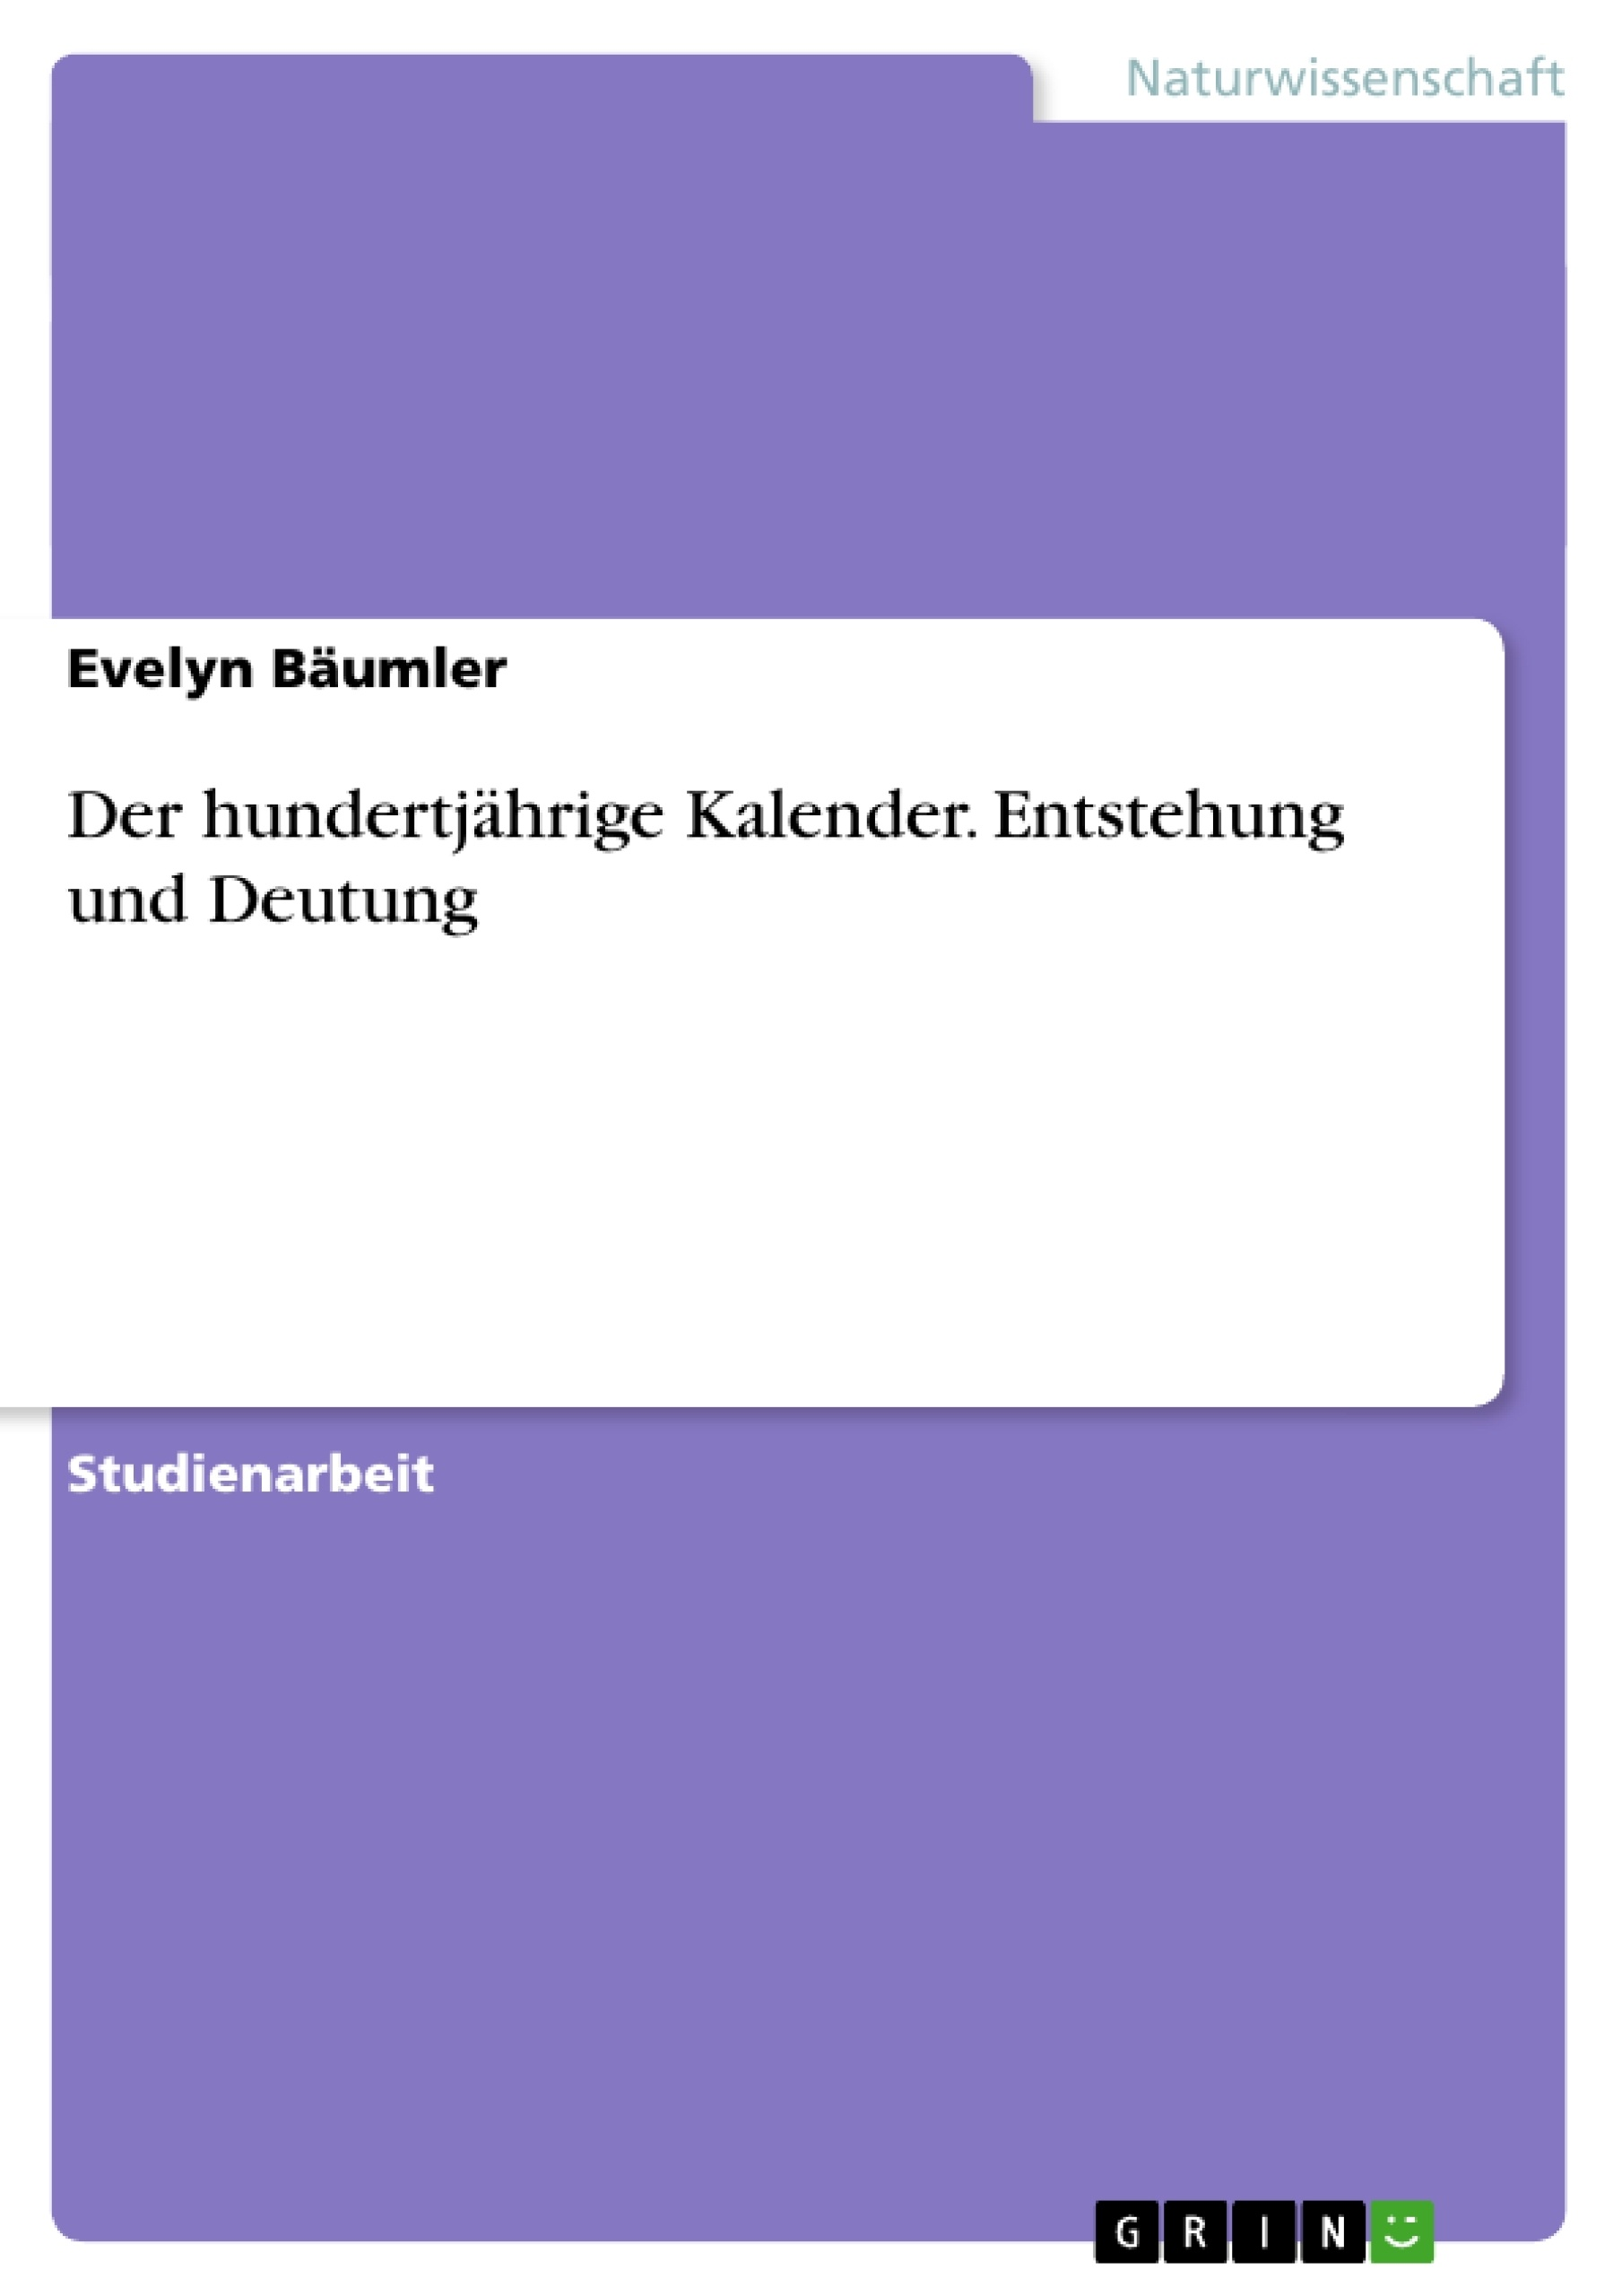 Titel: Der hundertjährige Kalender. Entstehung und Deutung